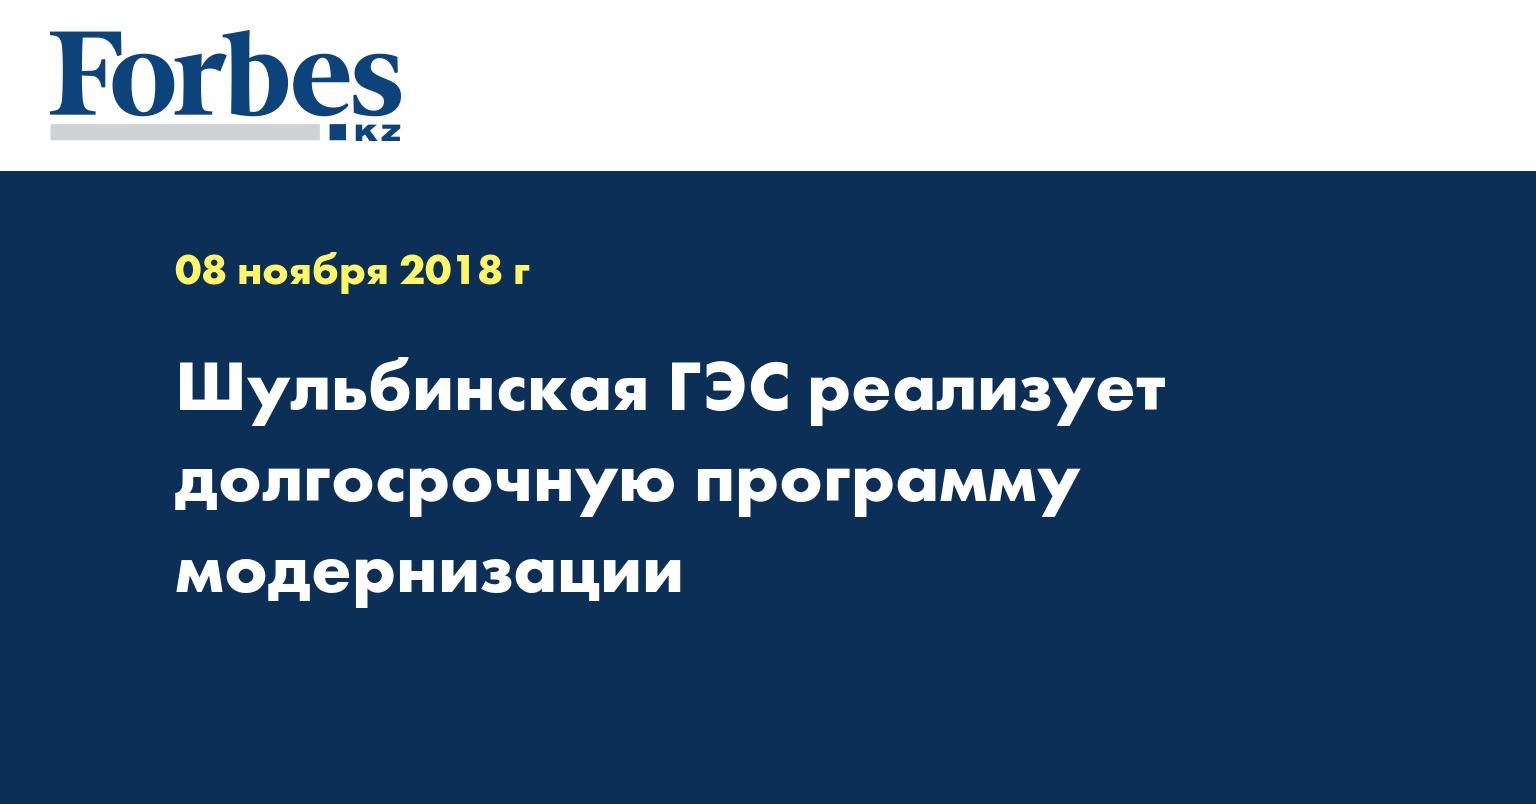 Шульбинская ГЭС реализует долгосрочную программу модернизации